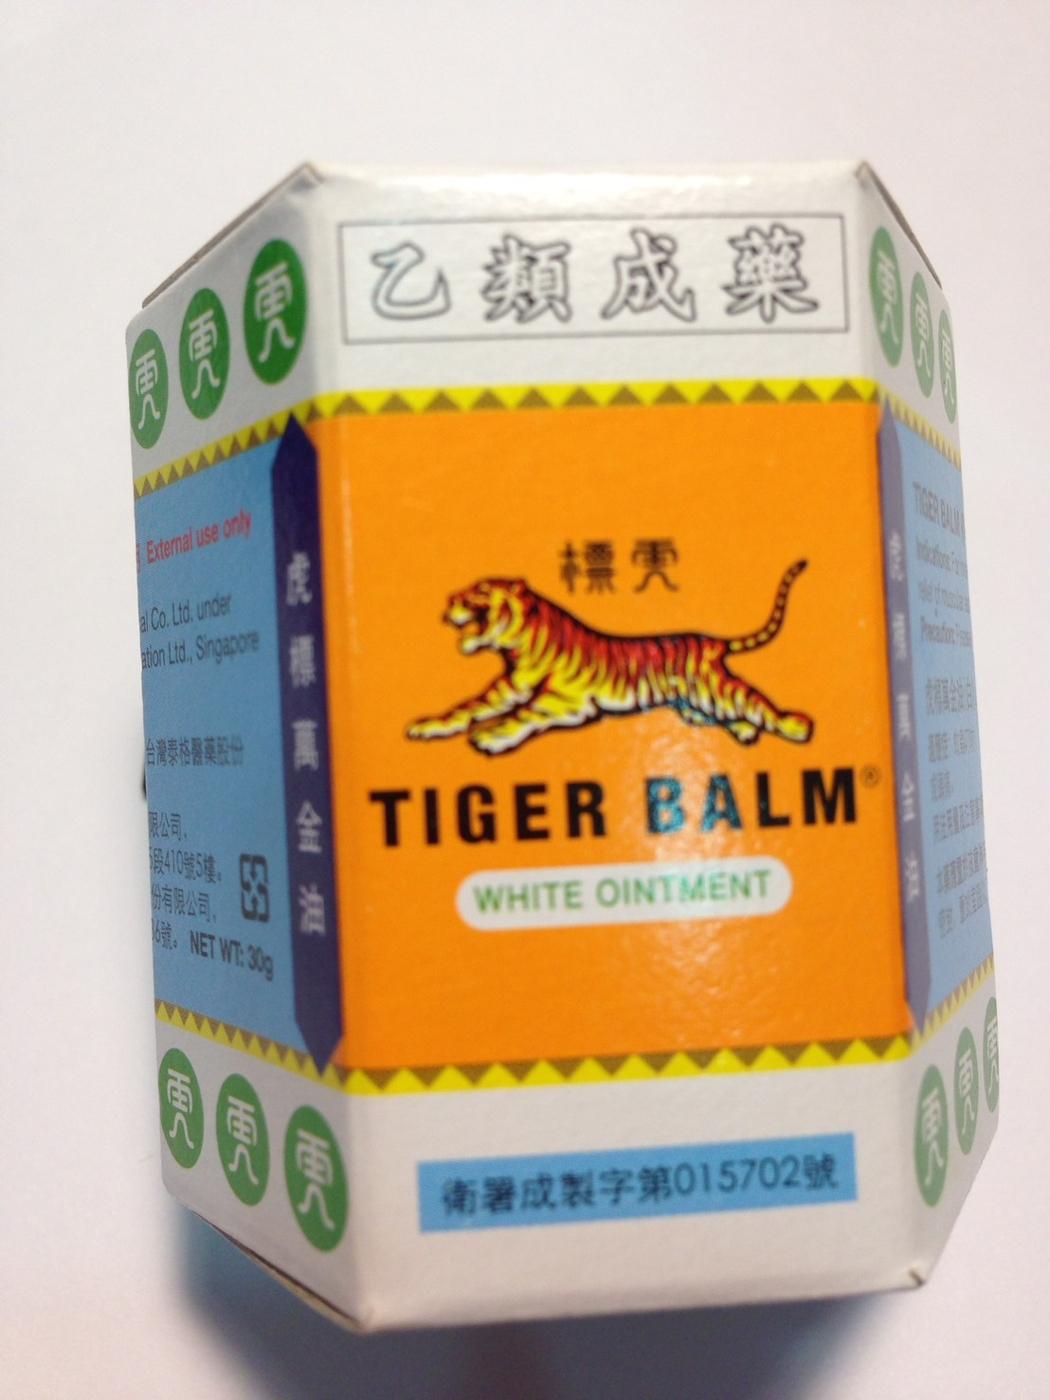 虎標萬金油白軟膏19g艾保康